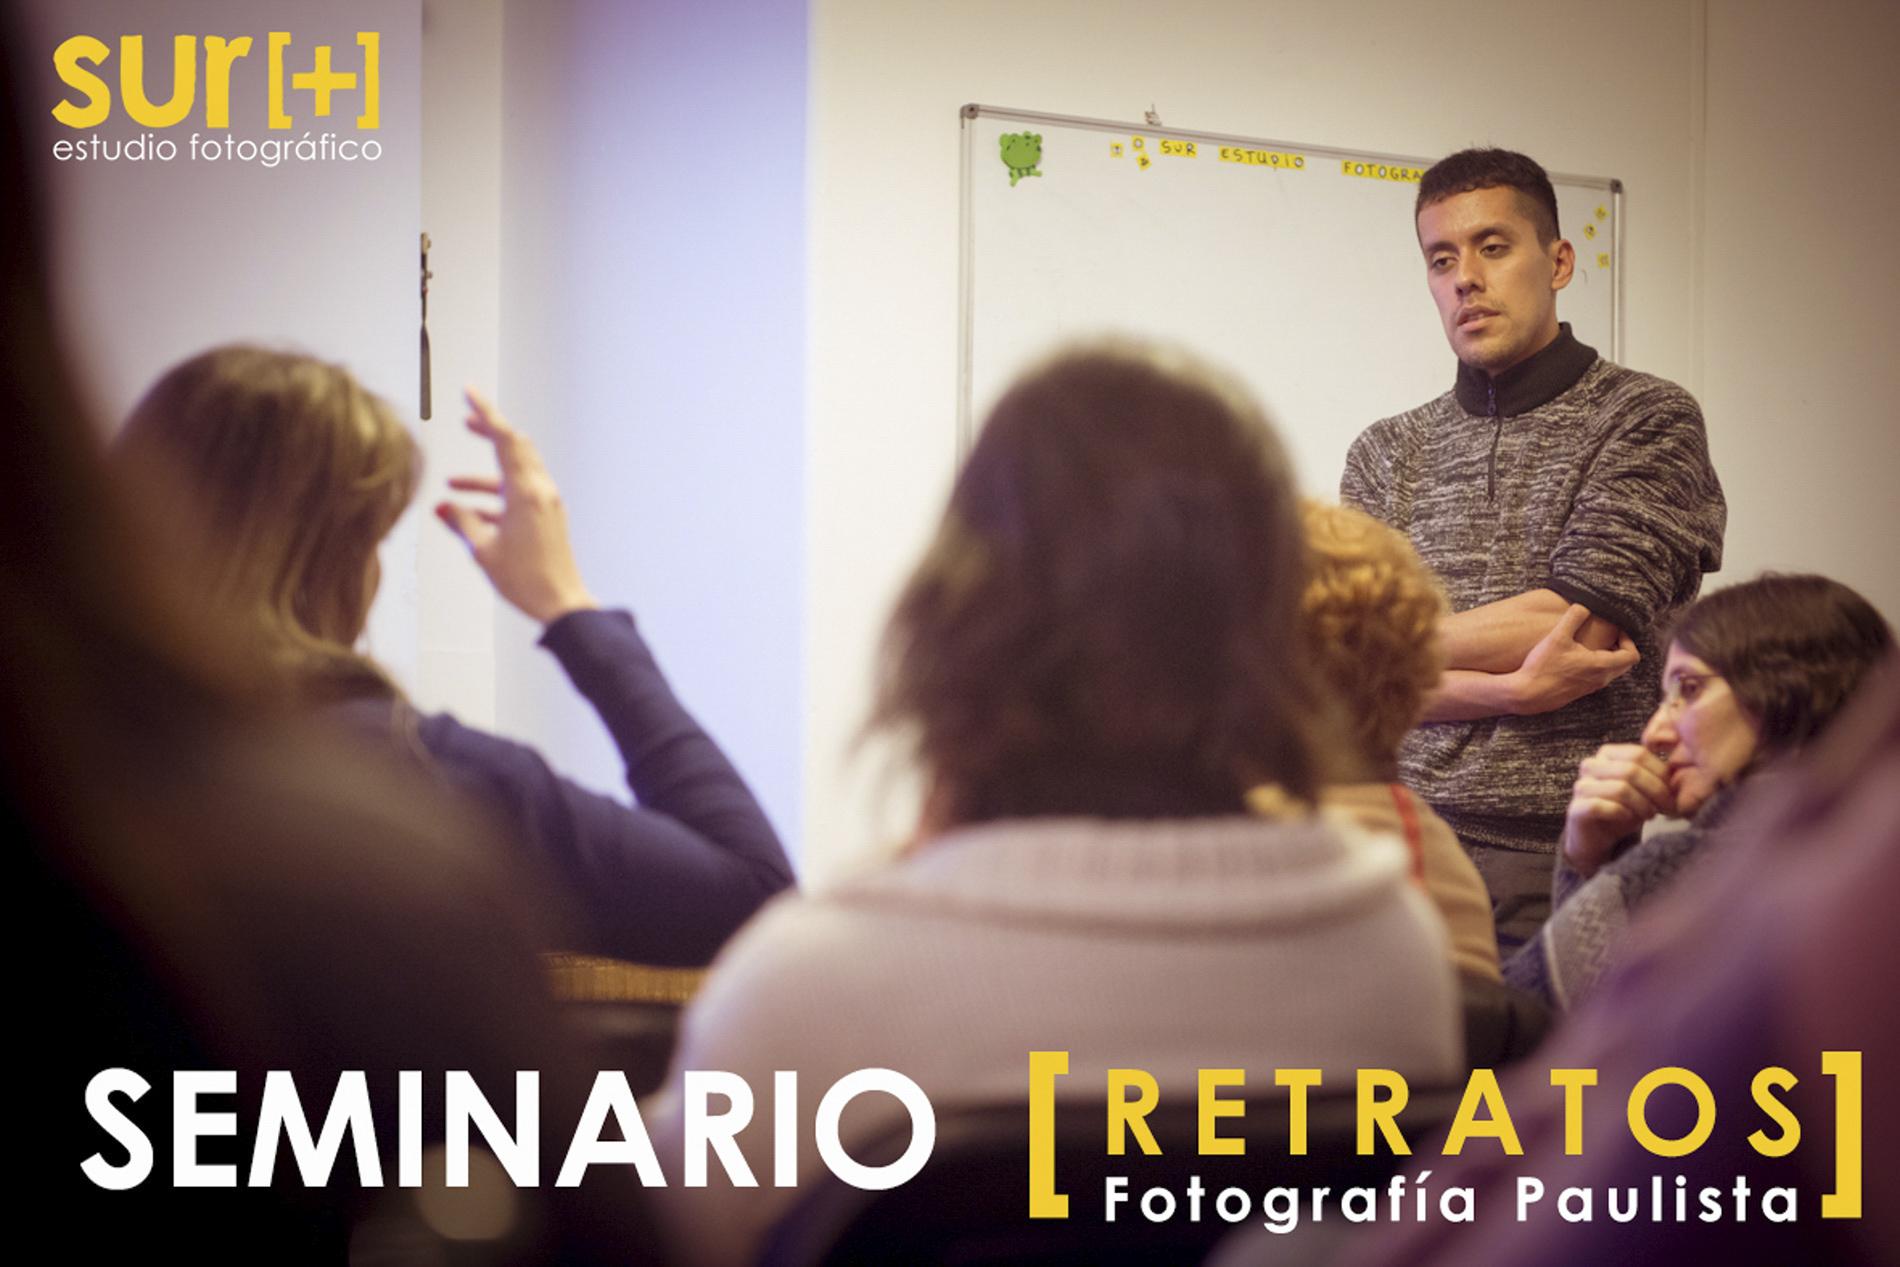 Seminario de Retrato - Paulo Burgos